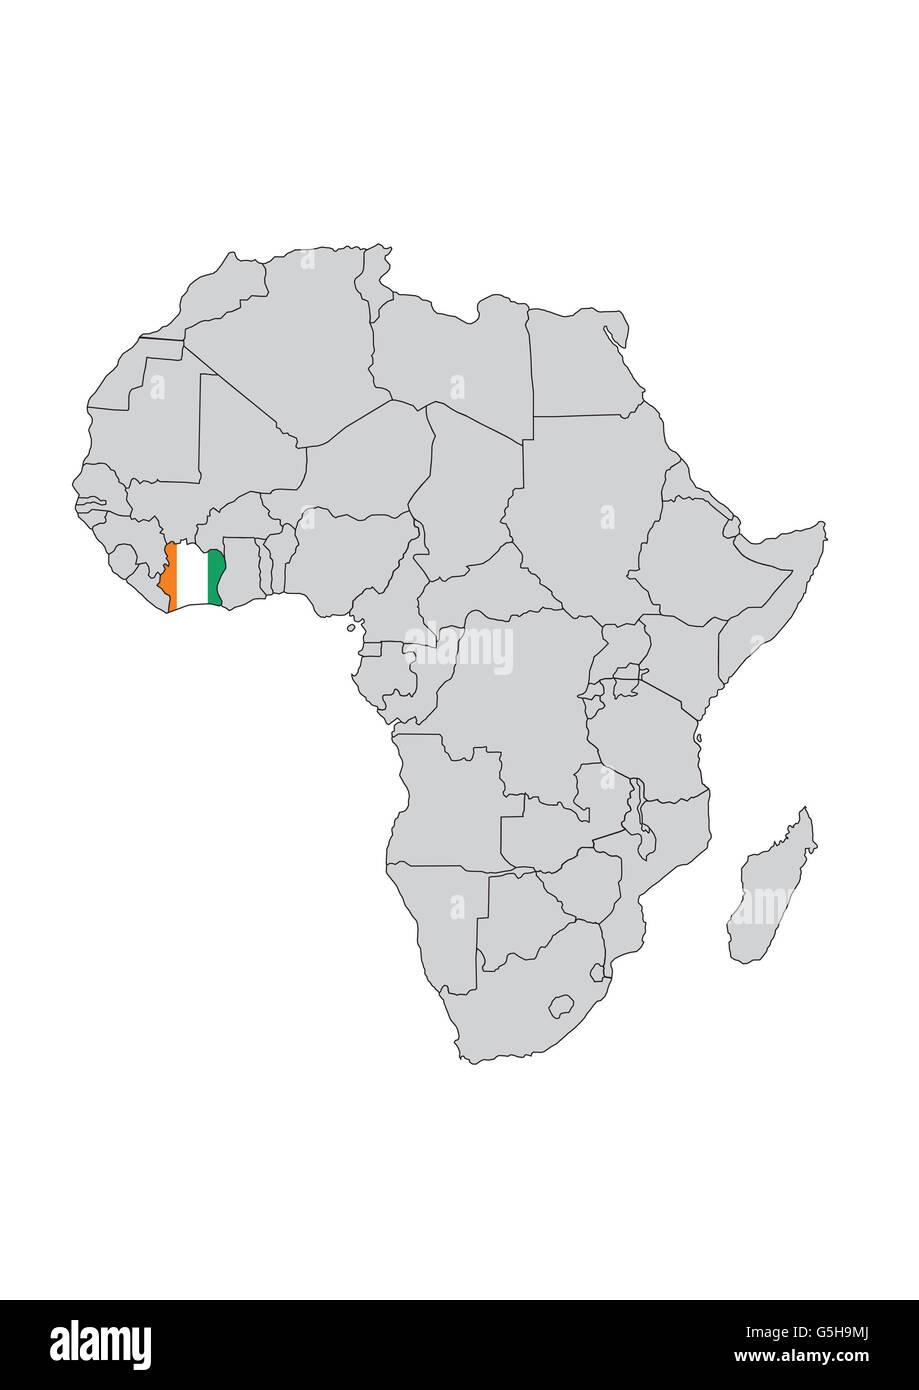 Côte d'Ivoire, Africa. - Stock Image